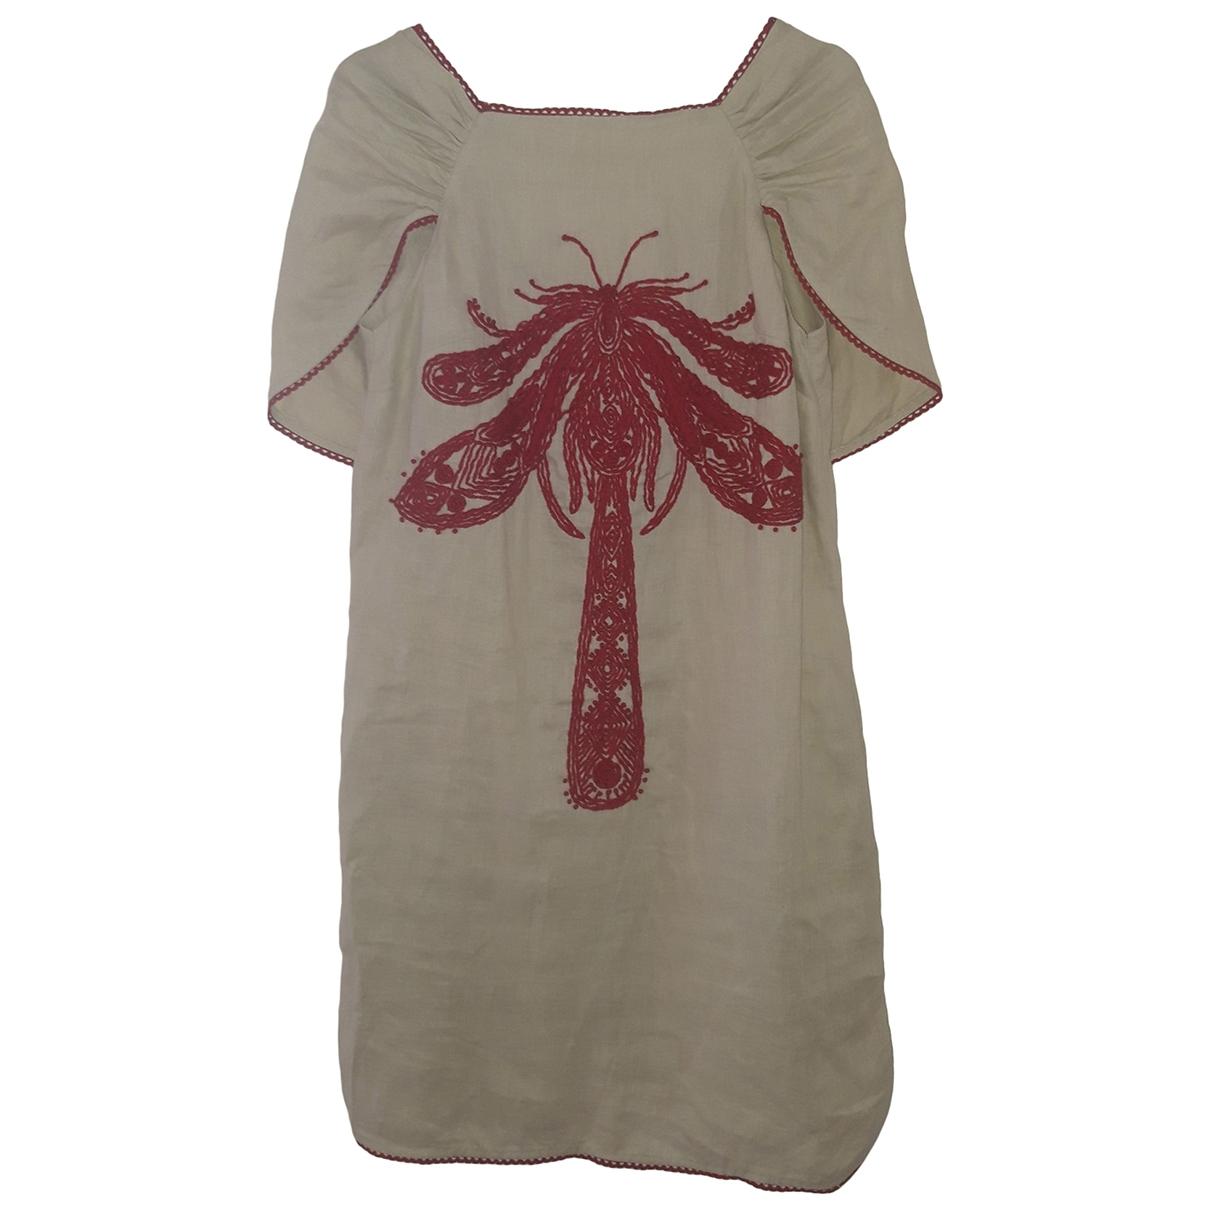 Hoss Intropia \N Kleid in  Beige Leinen